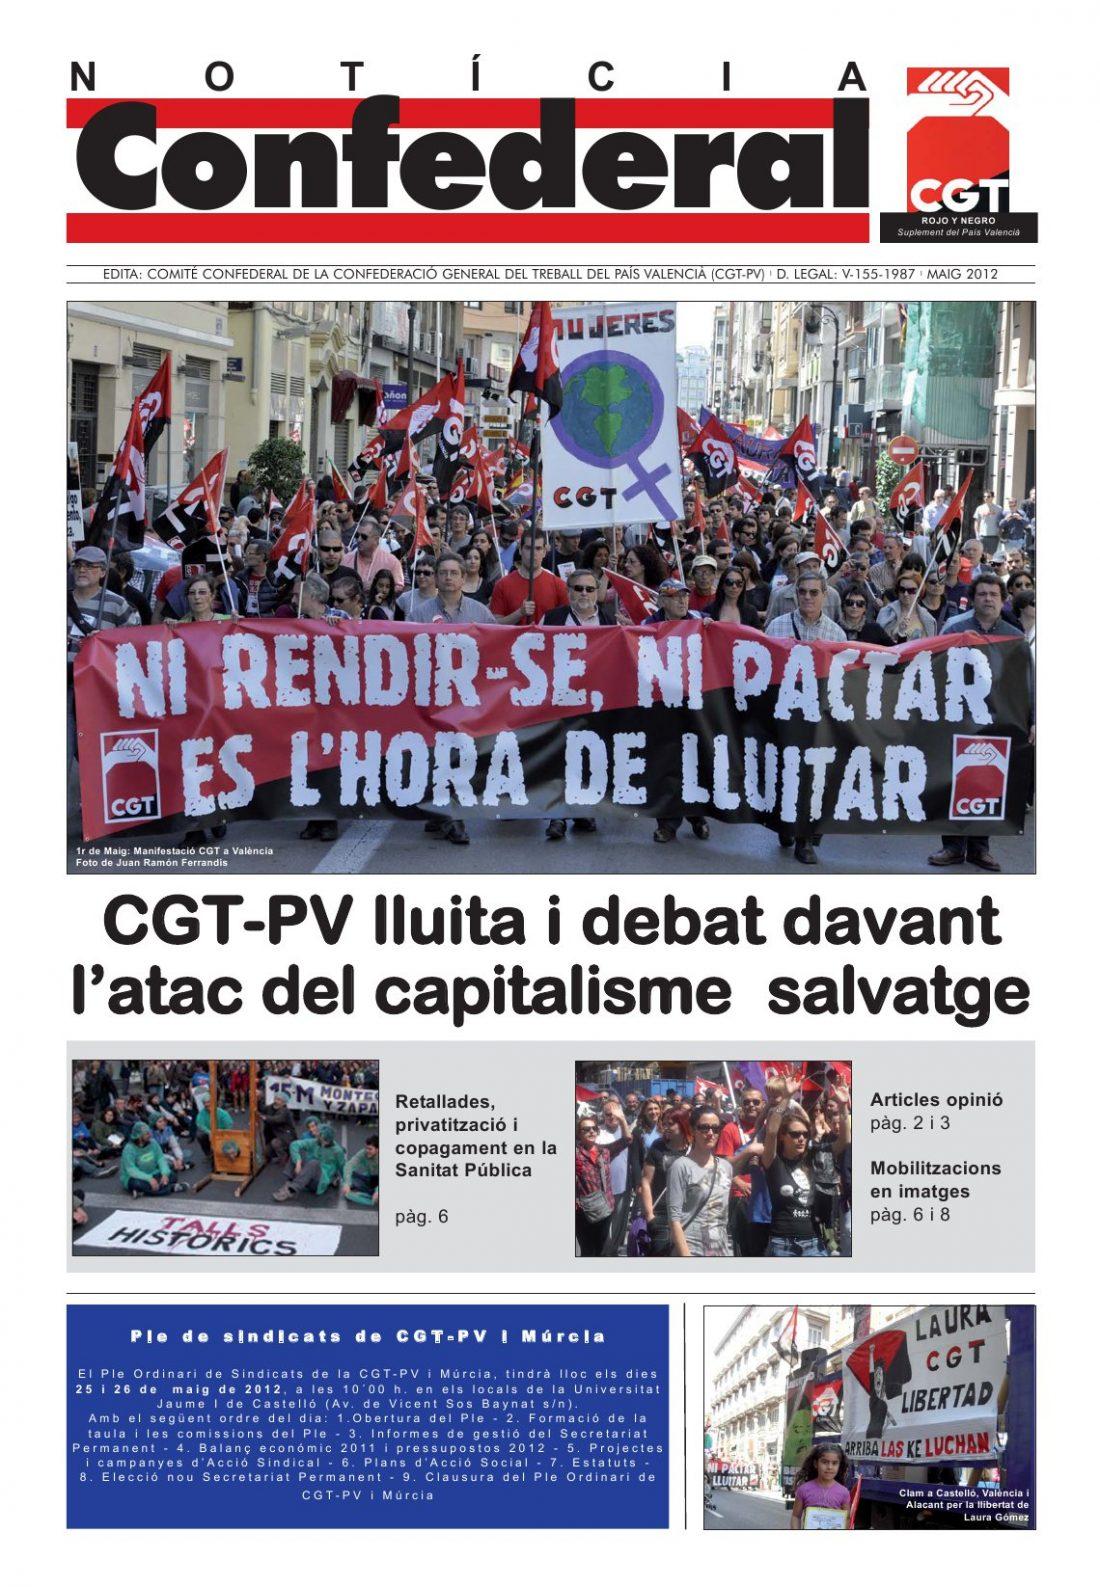 Noticia Confederal – Mayo 2012